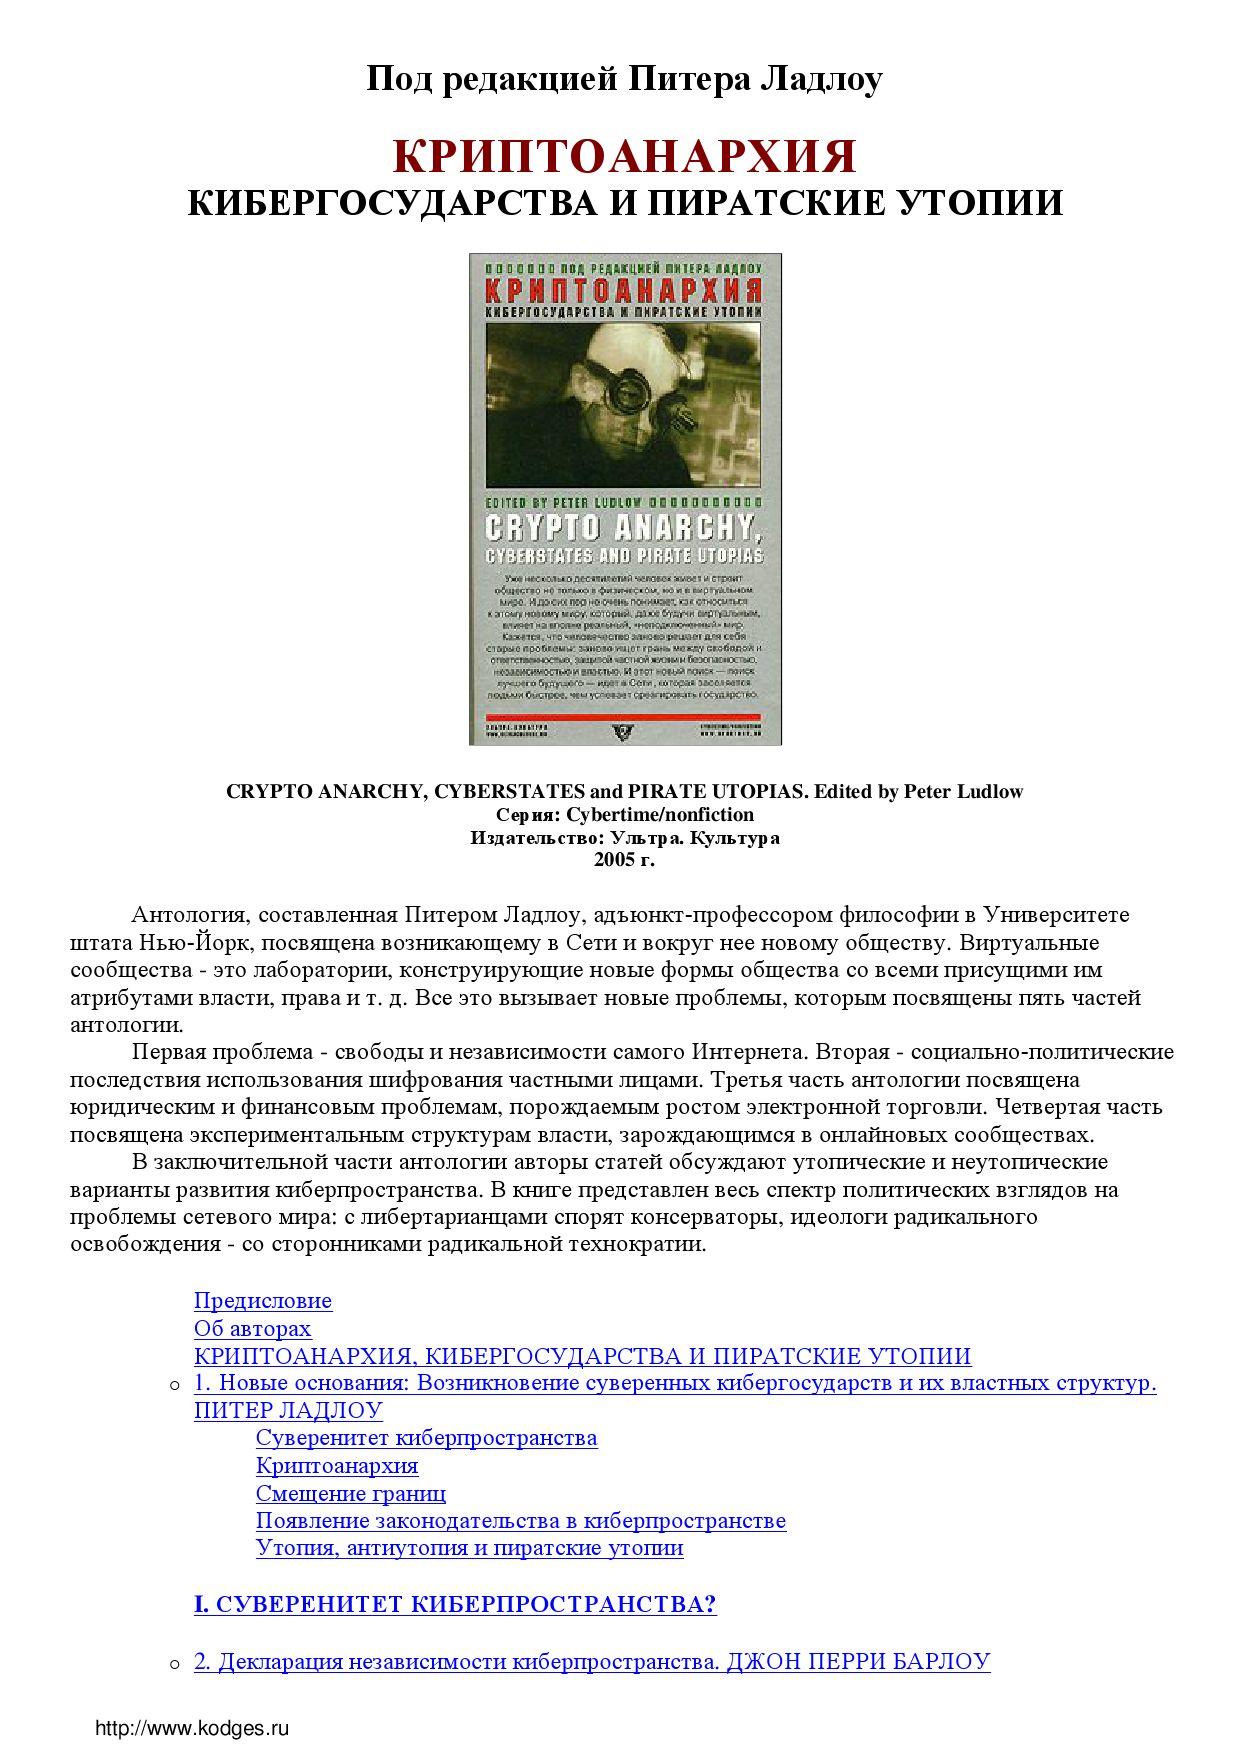 БДСМ читать онлайн романы БДСМ БДСМ книги литература